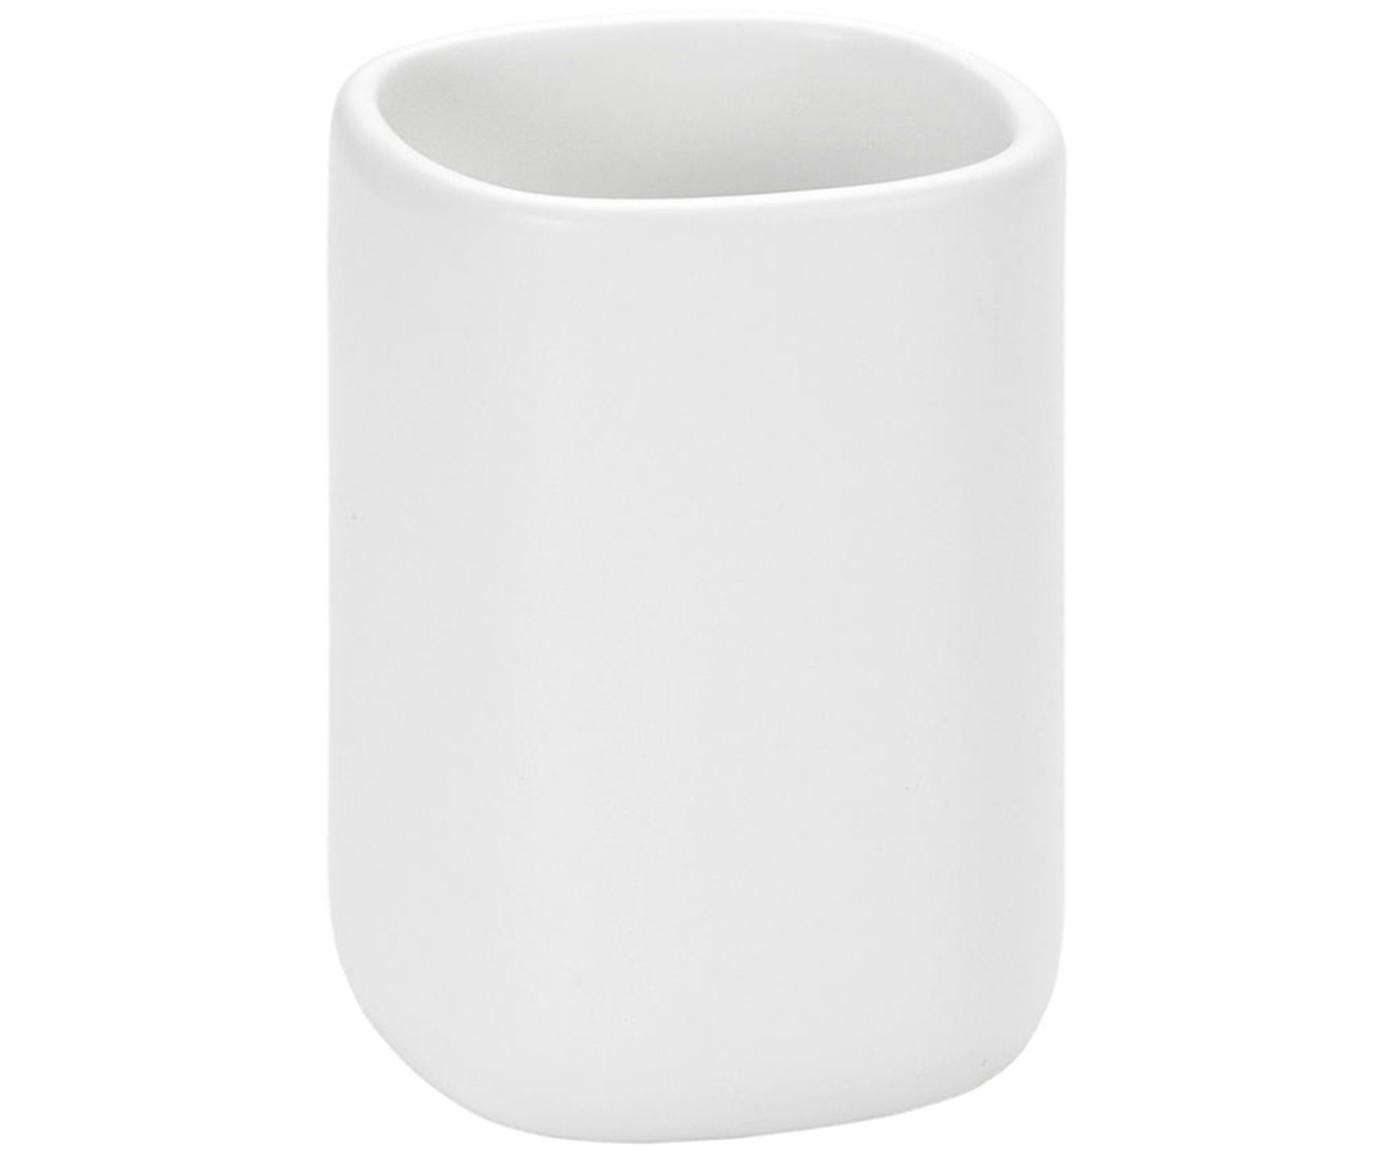 Porta spazzolini in ceramica Wili, Ceramica, Bianco, Ø 7 x Alt. 11 cm